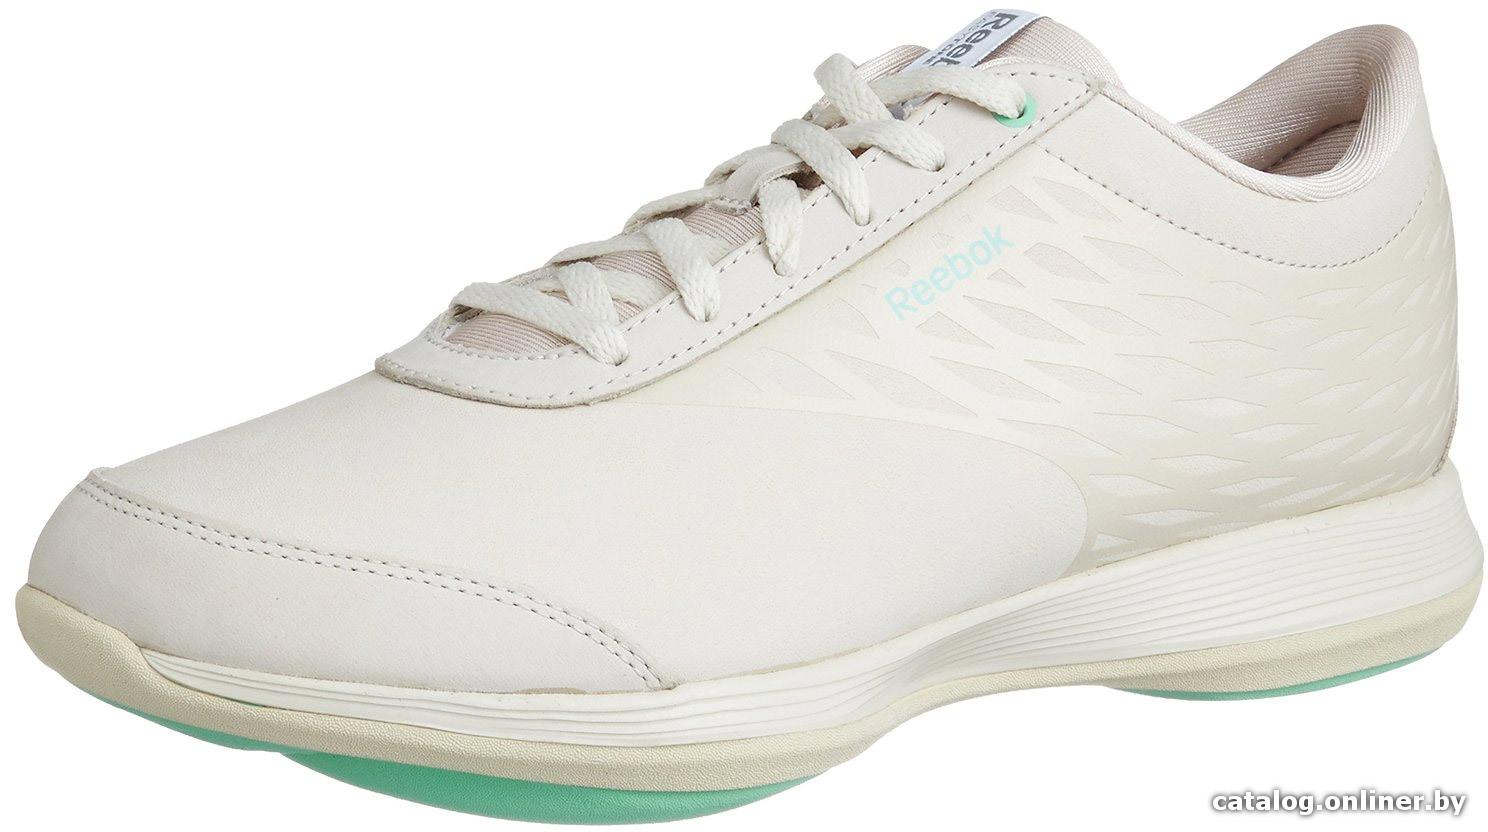 e51737ed Reebok Easytone 2.0 Crush белый-зеленый (M49401) кроссовки купить в ...